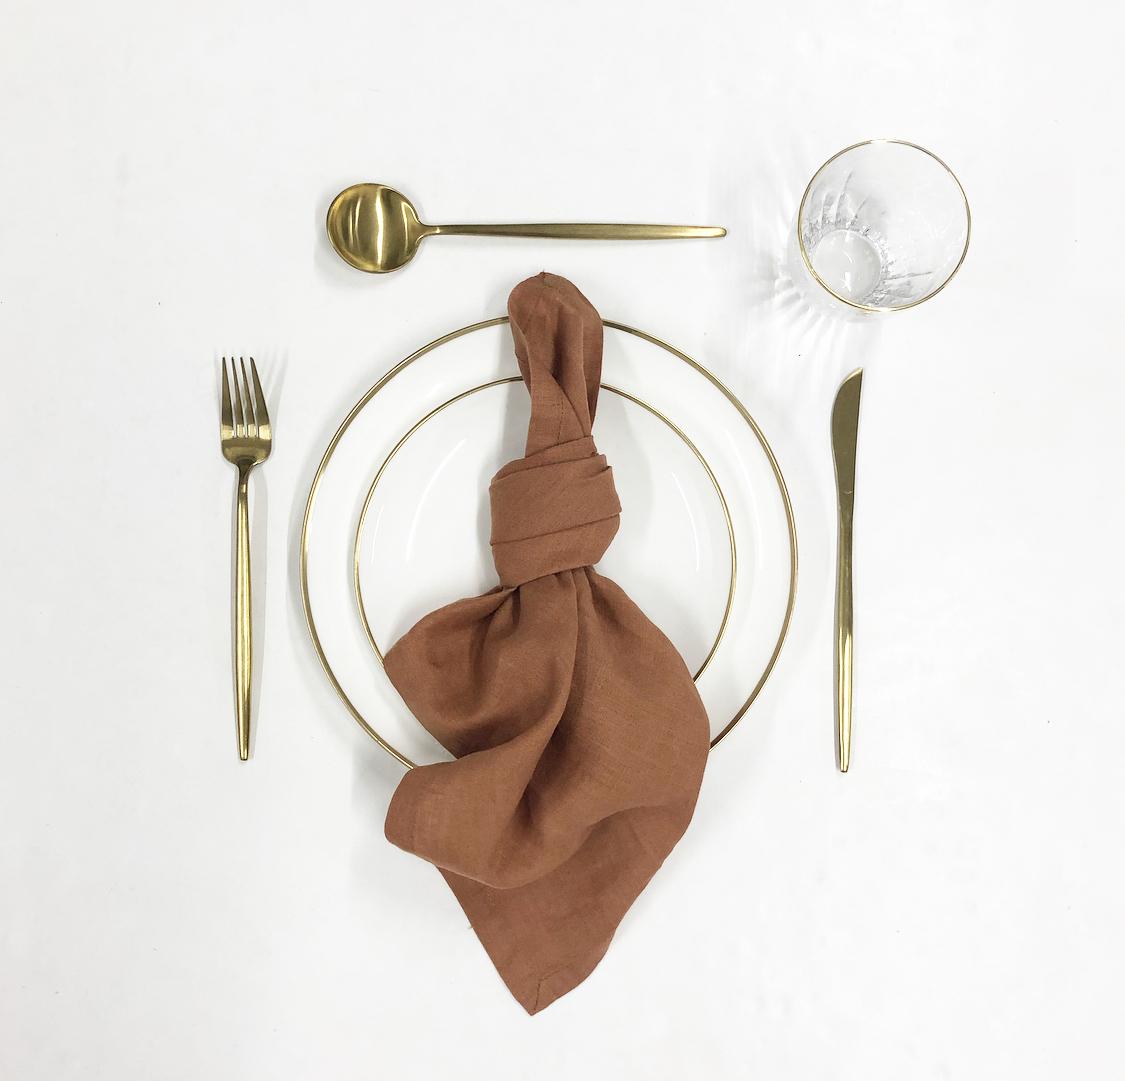 terracotta tableware package